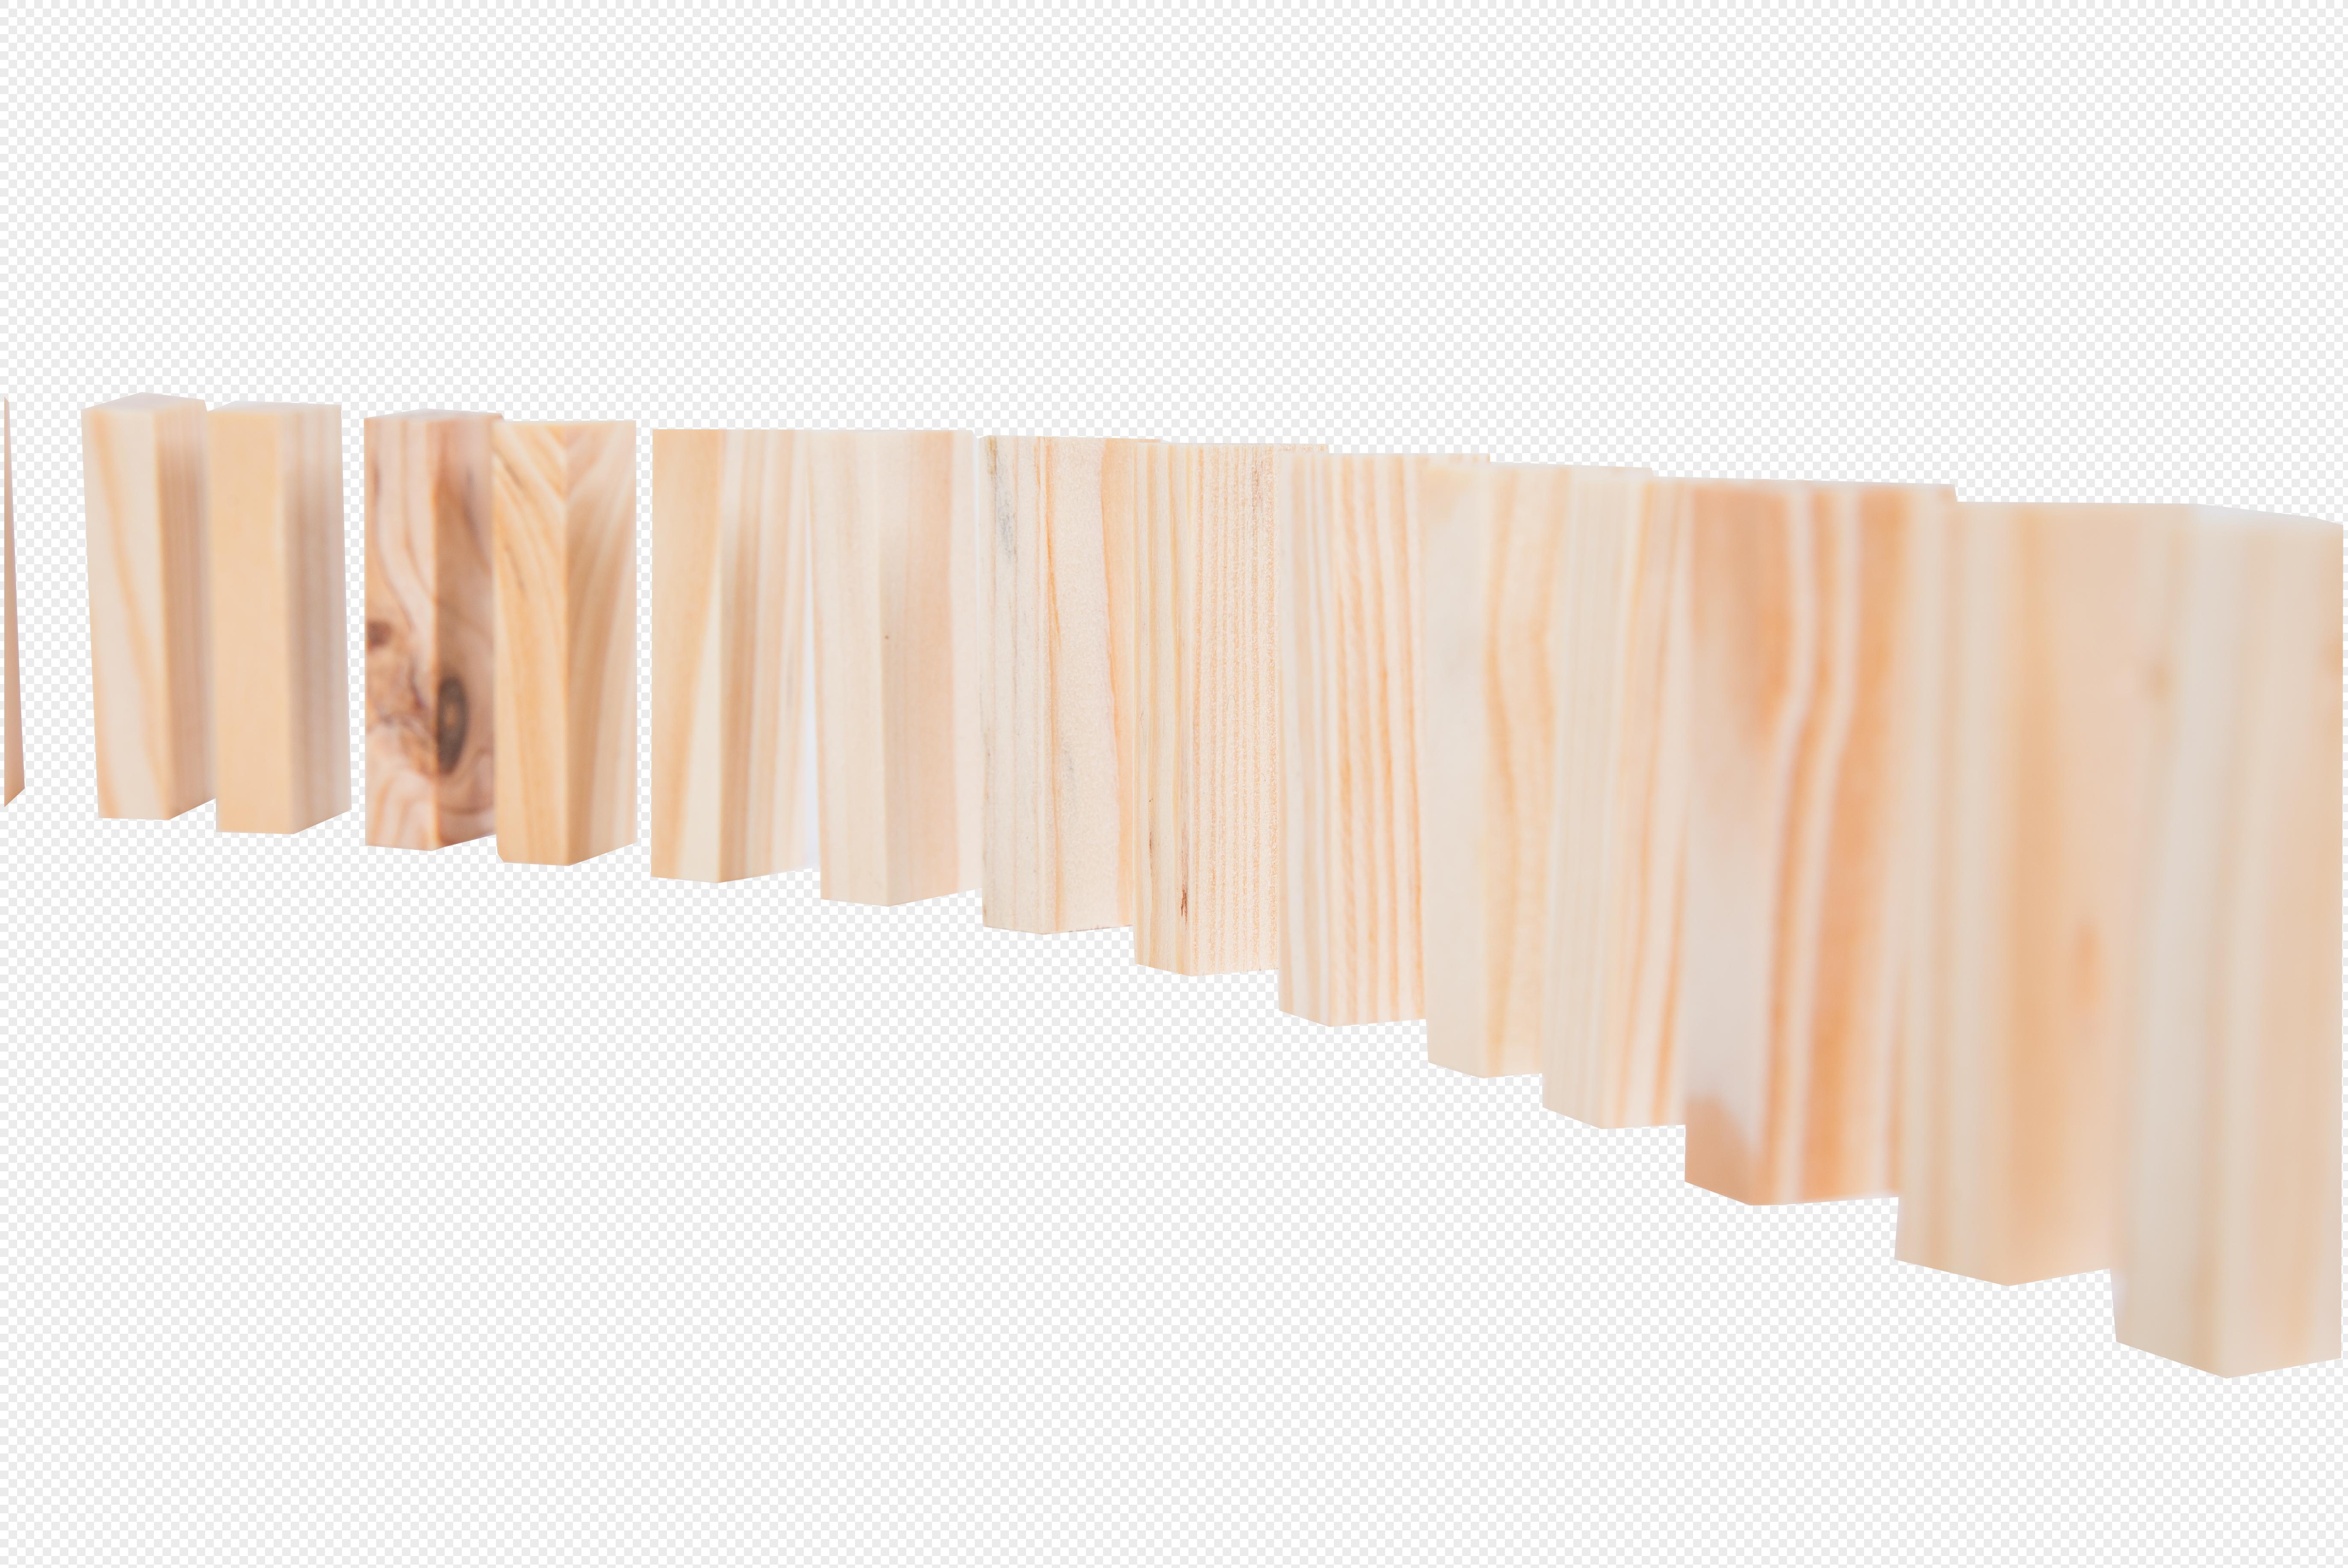 多诺米骨牌积木团队搭建图片素材编号400459389_prf